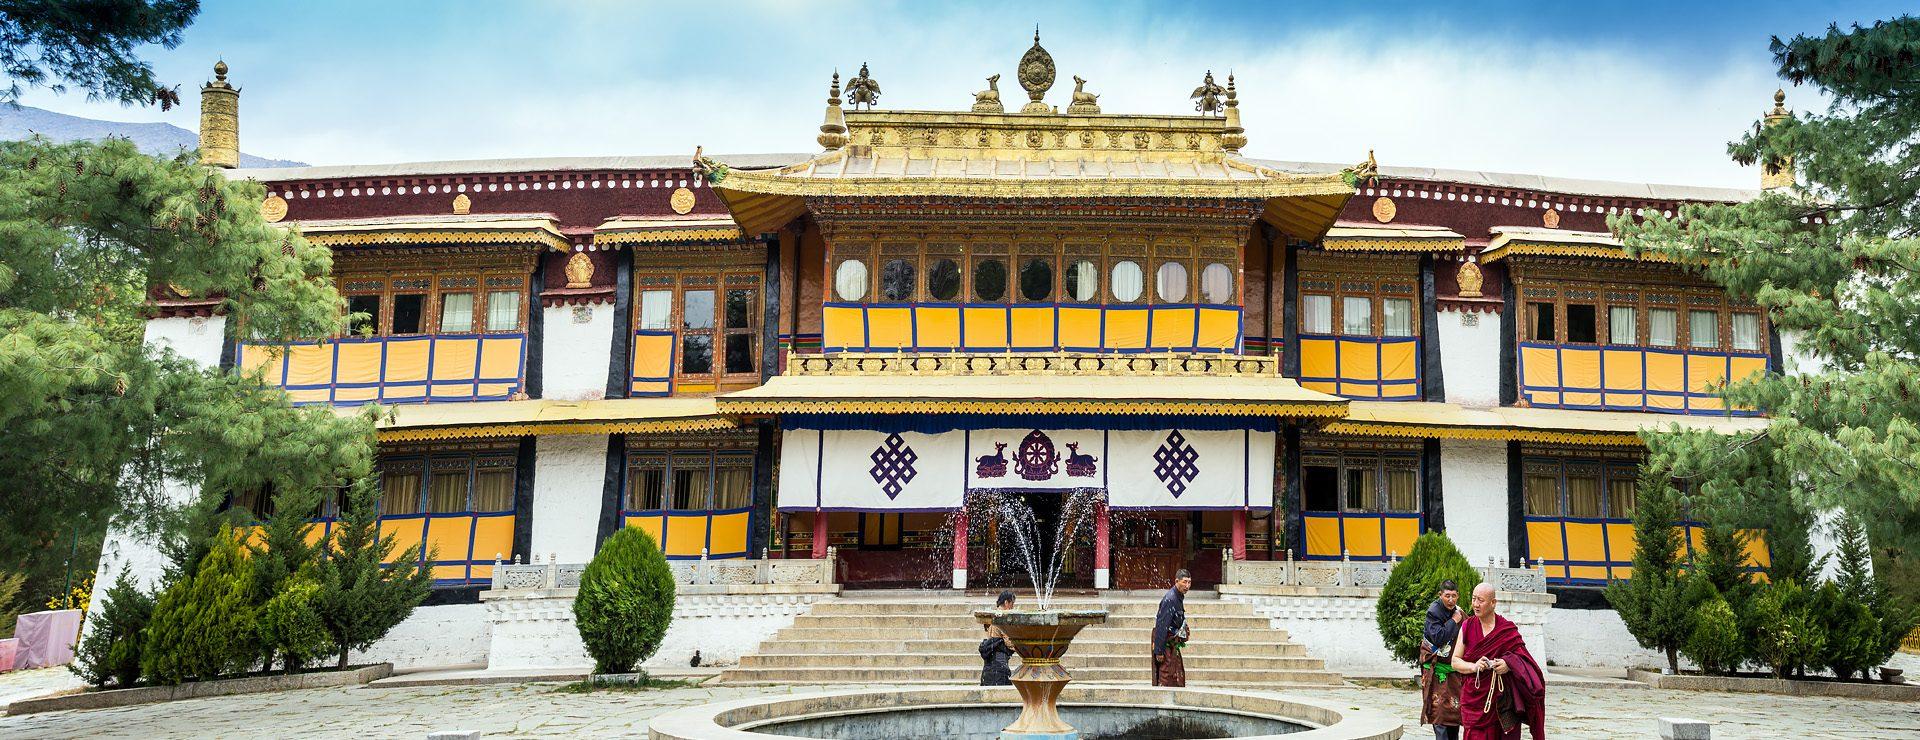 Norbulingka i Lhasa